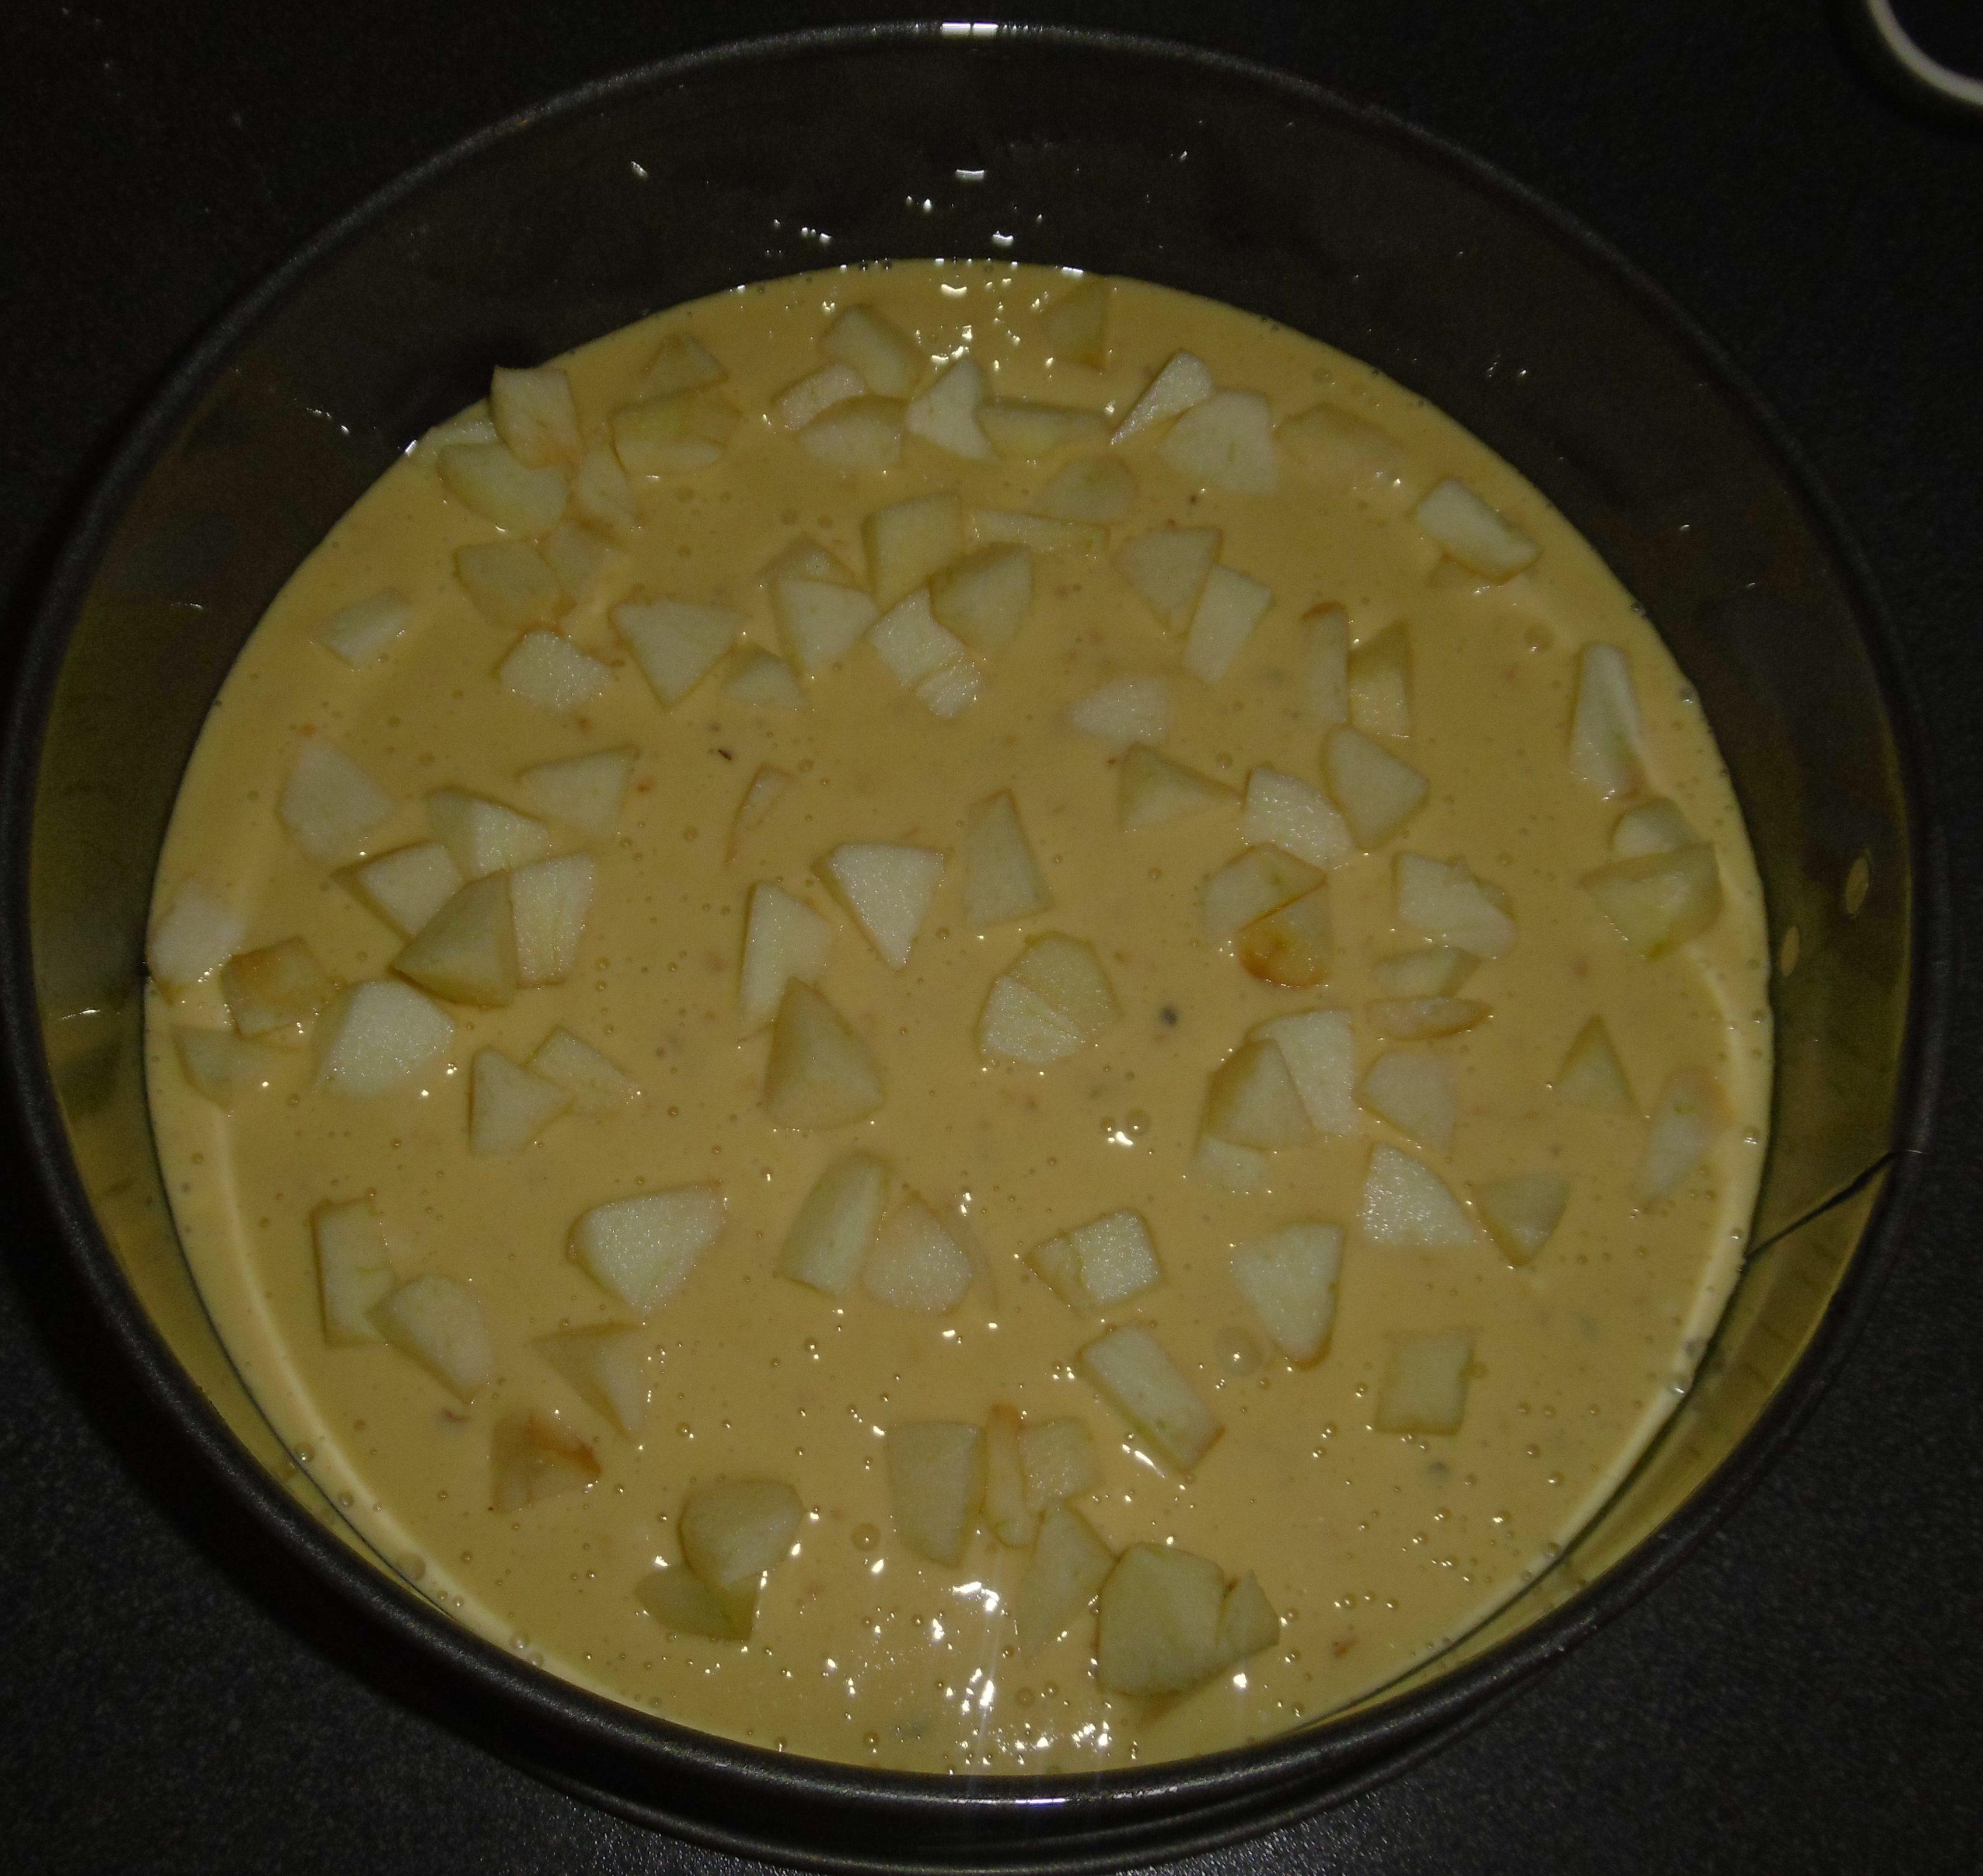 Torta di mele e nocciole - Metà impasto con mele